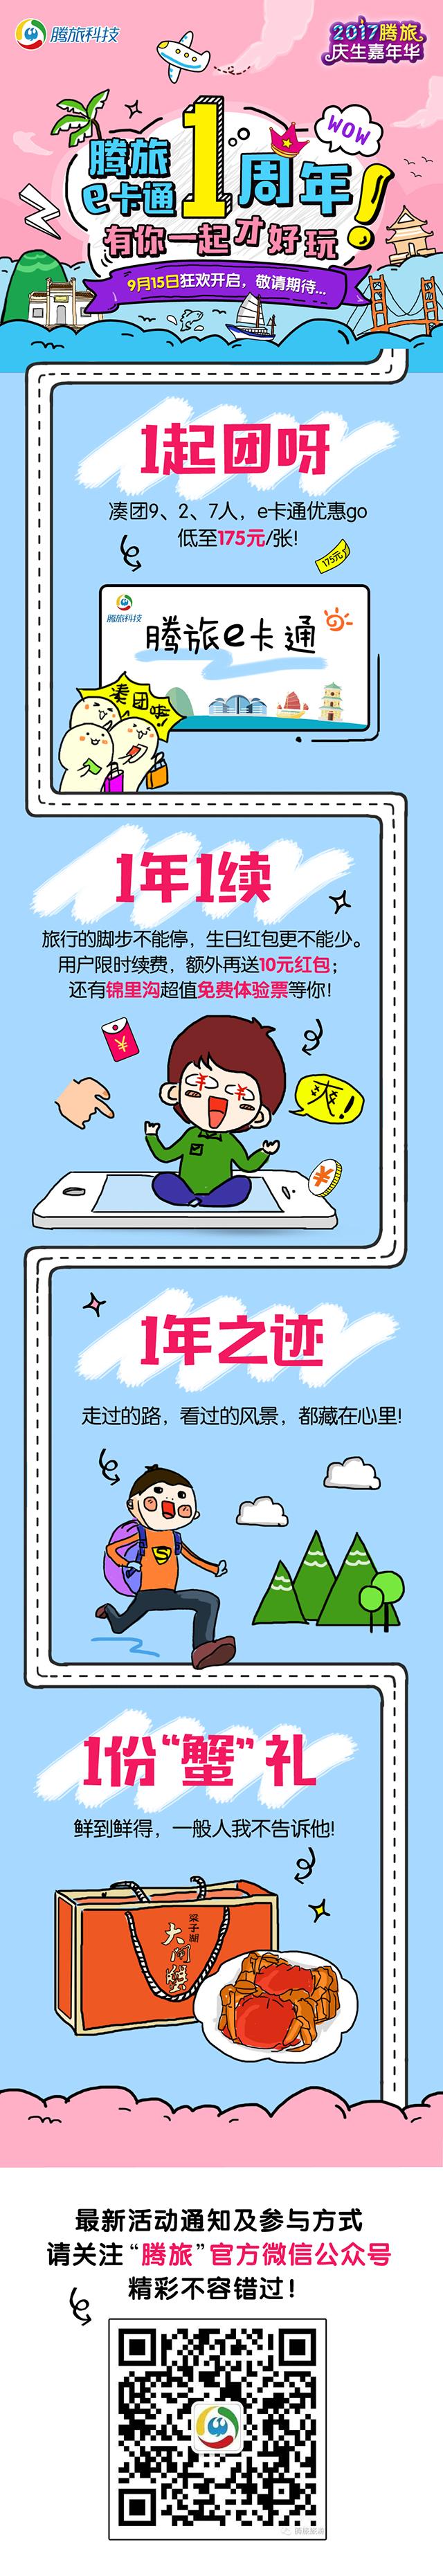 武汉旅游年卡